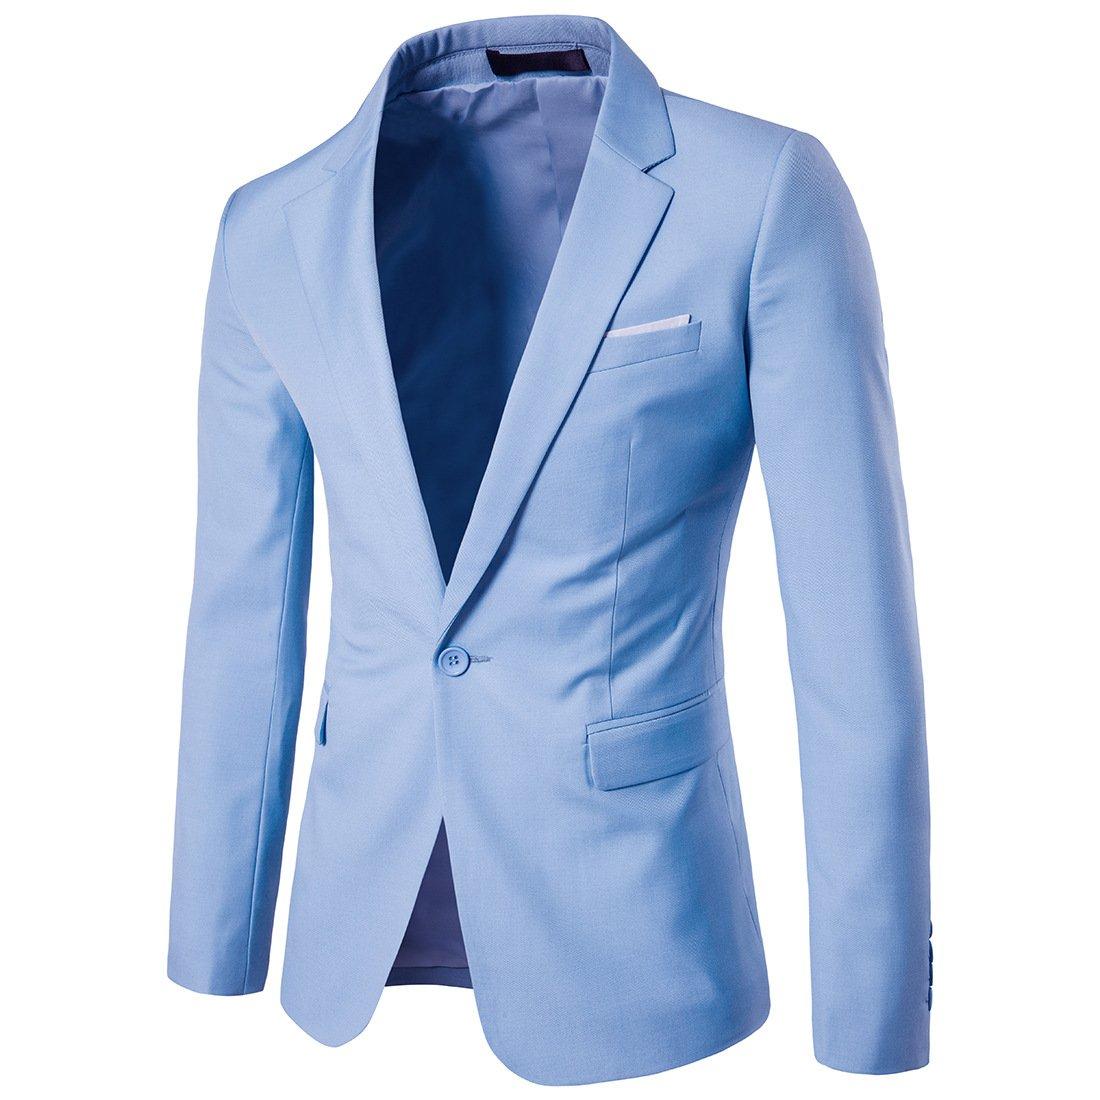 WULFUL Men's Slim Fit Suit One Button Suit Coat Casual Business Lapel Blazers Jacket